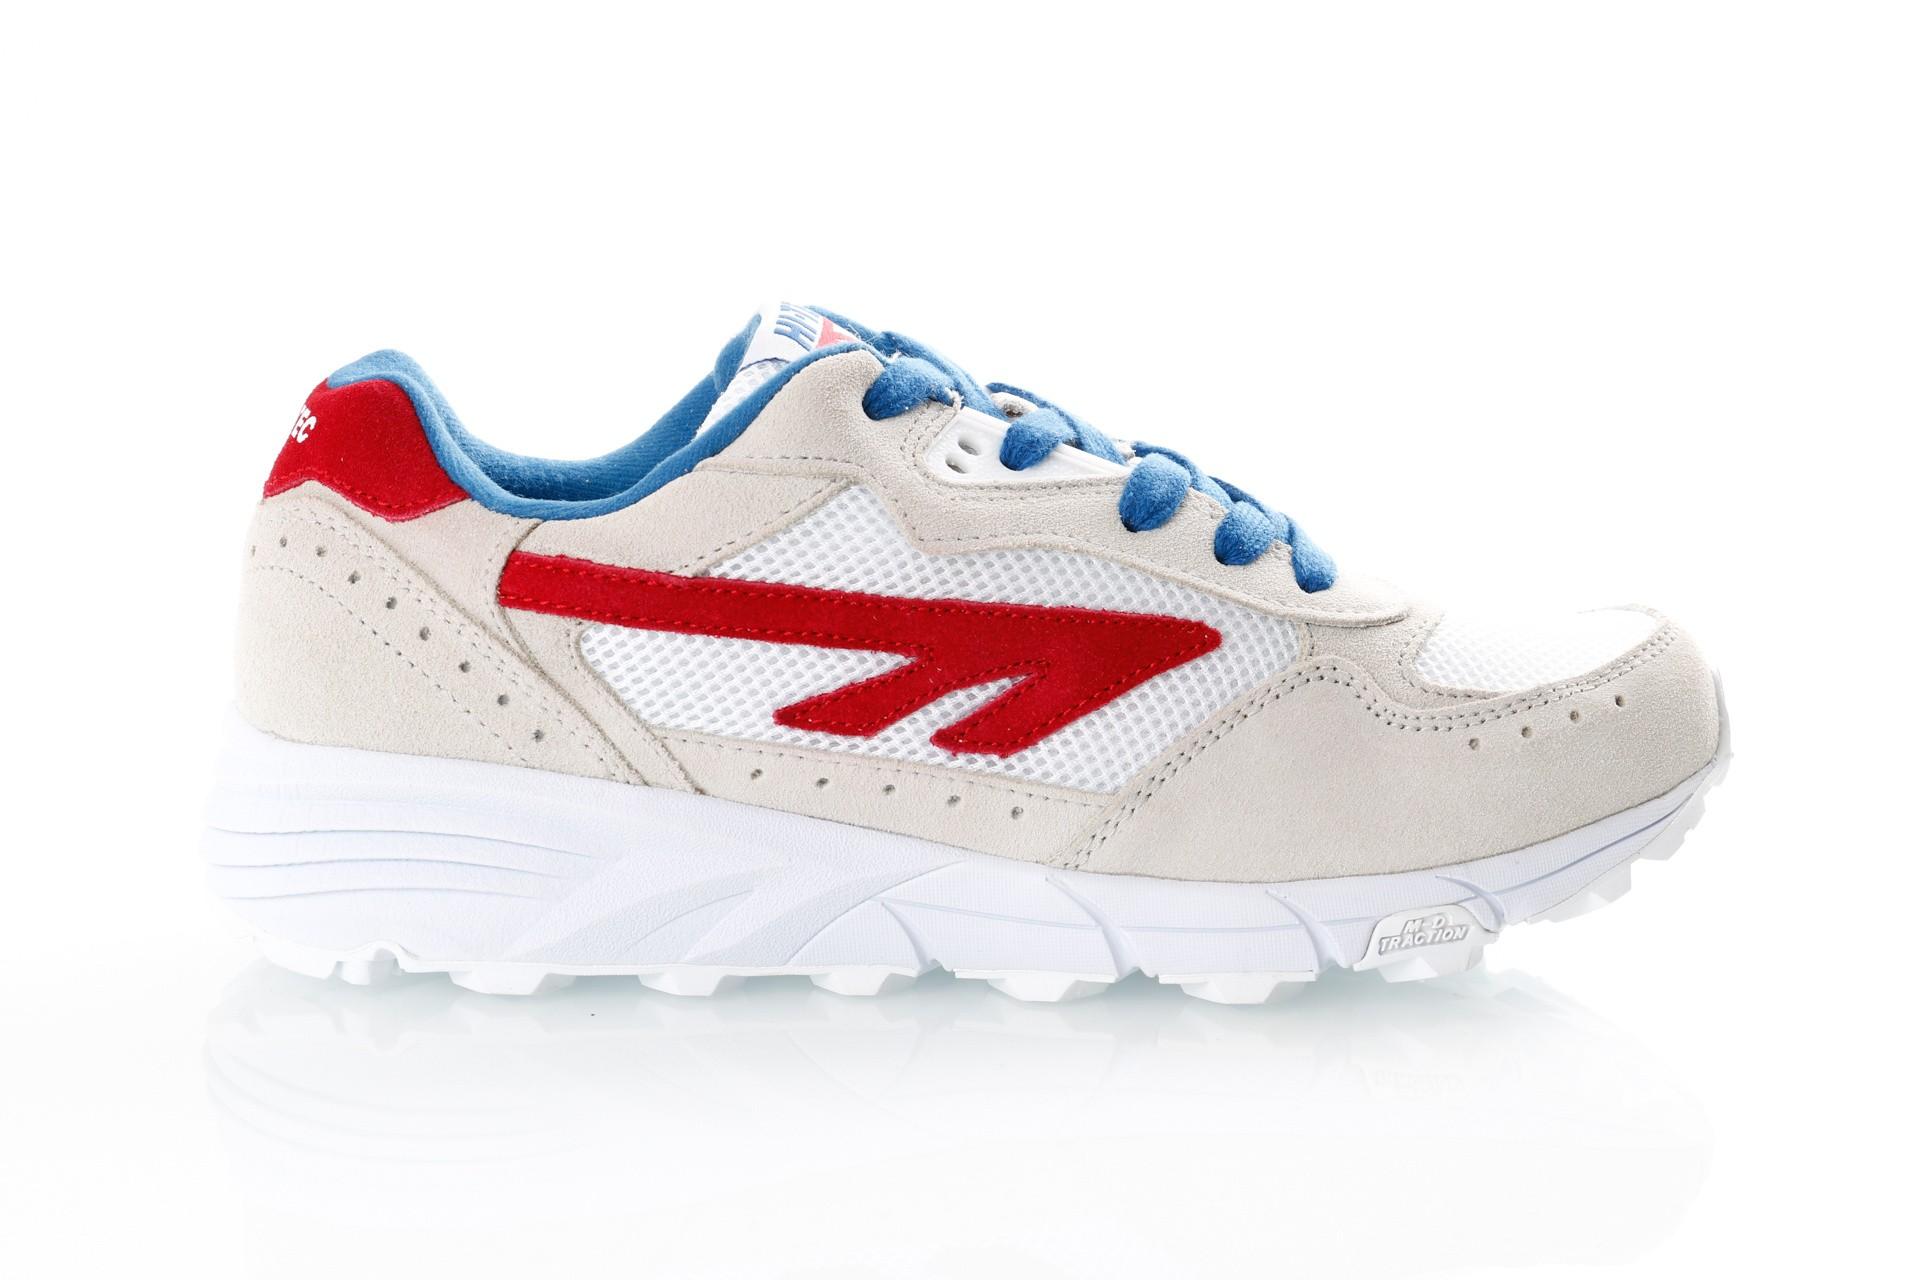 Foto van Hi-Tec Shadow Tl S010005/011 Sneakers Corp White/Red/Blue